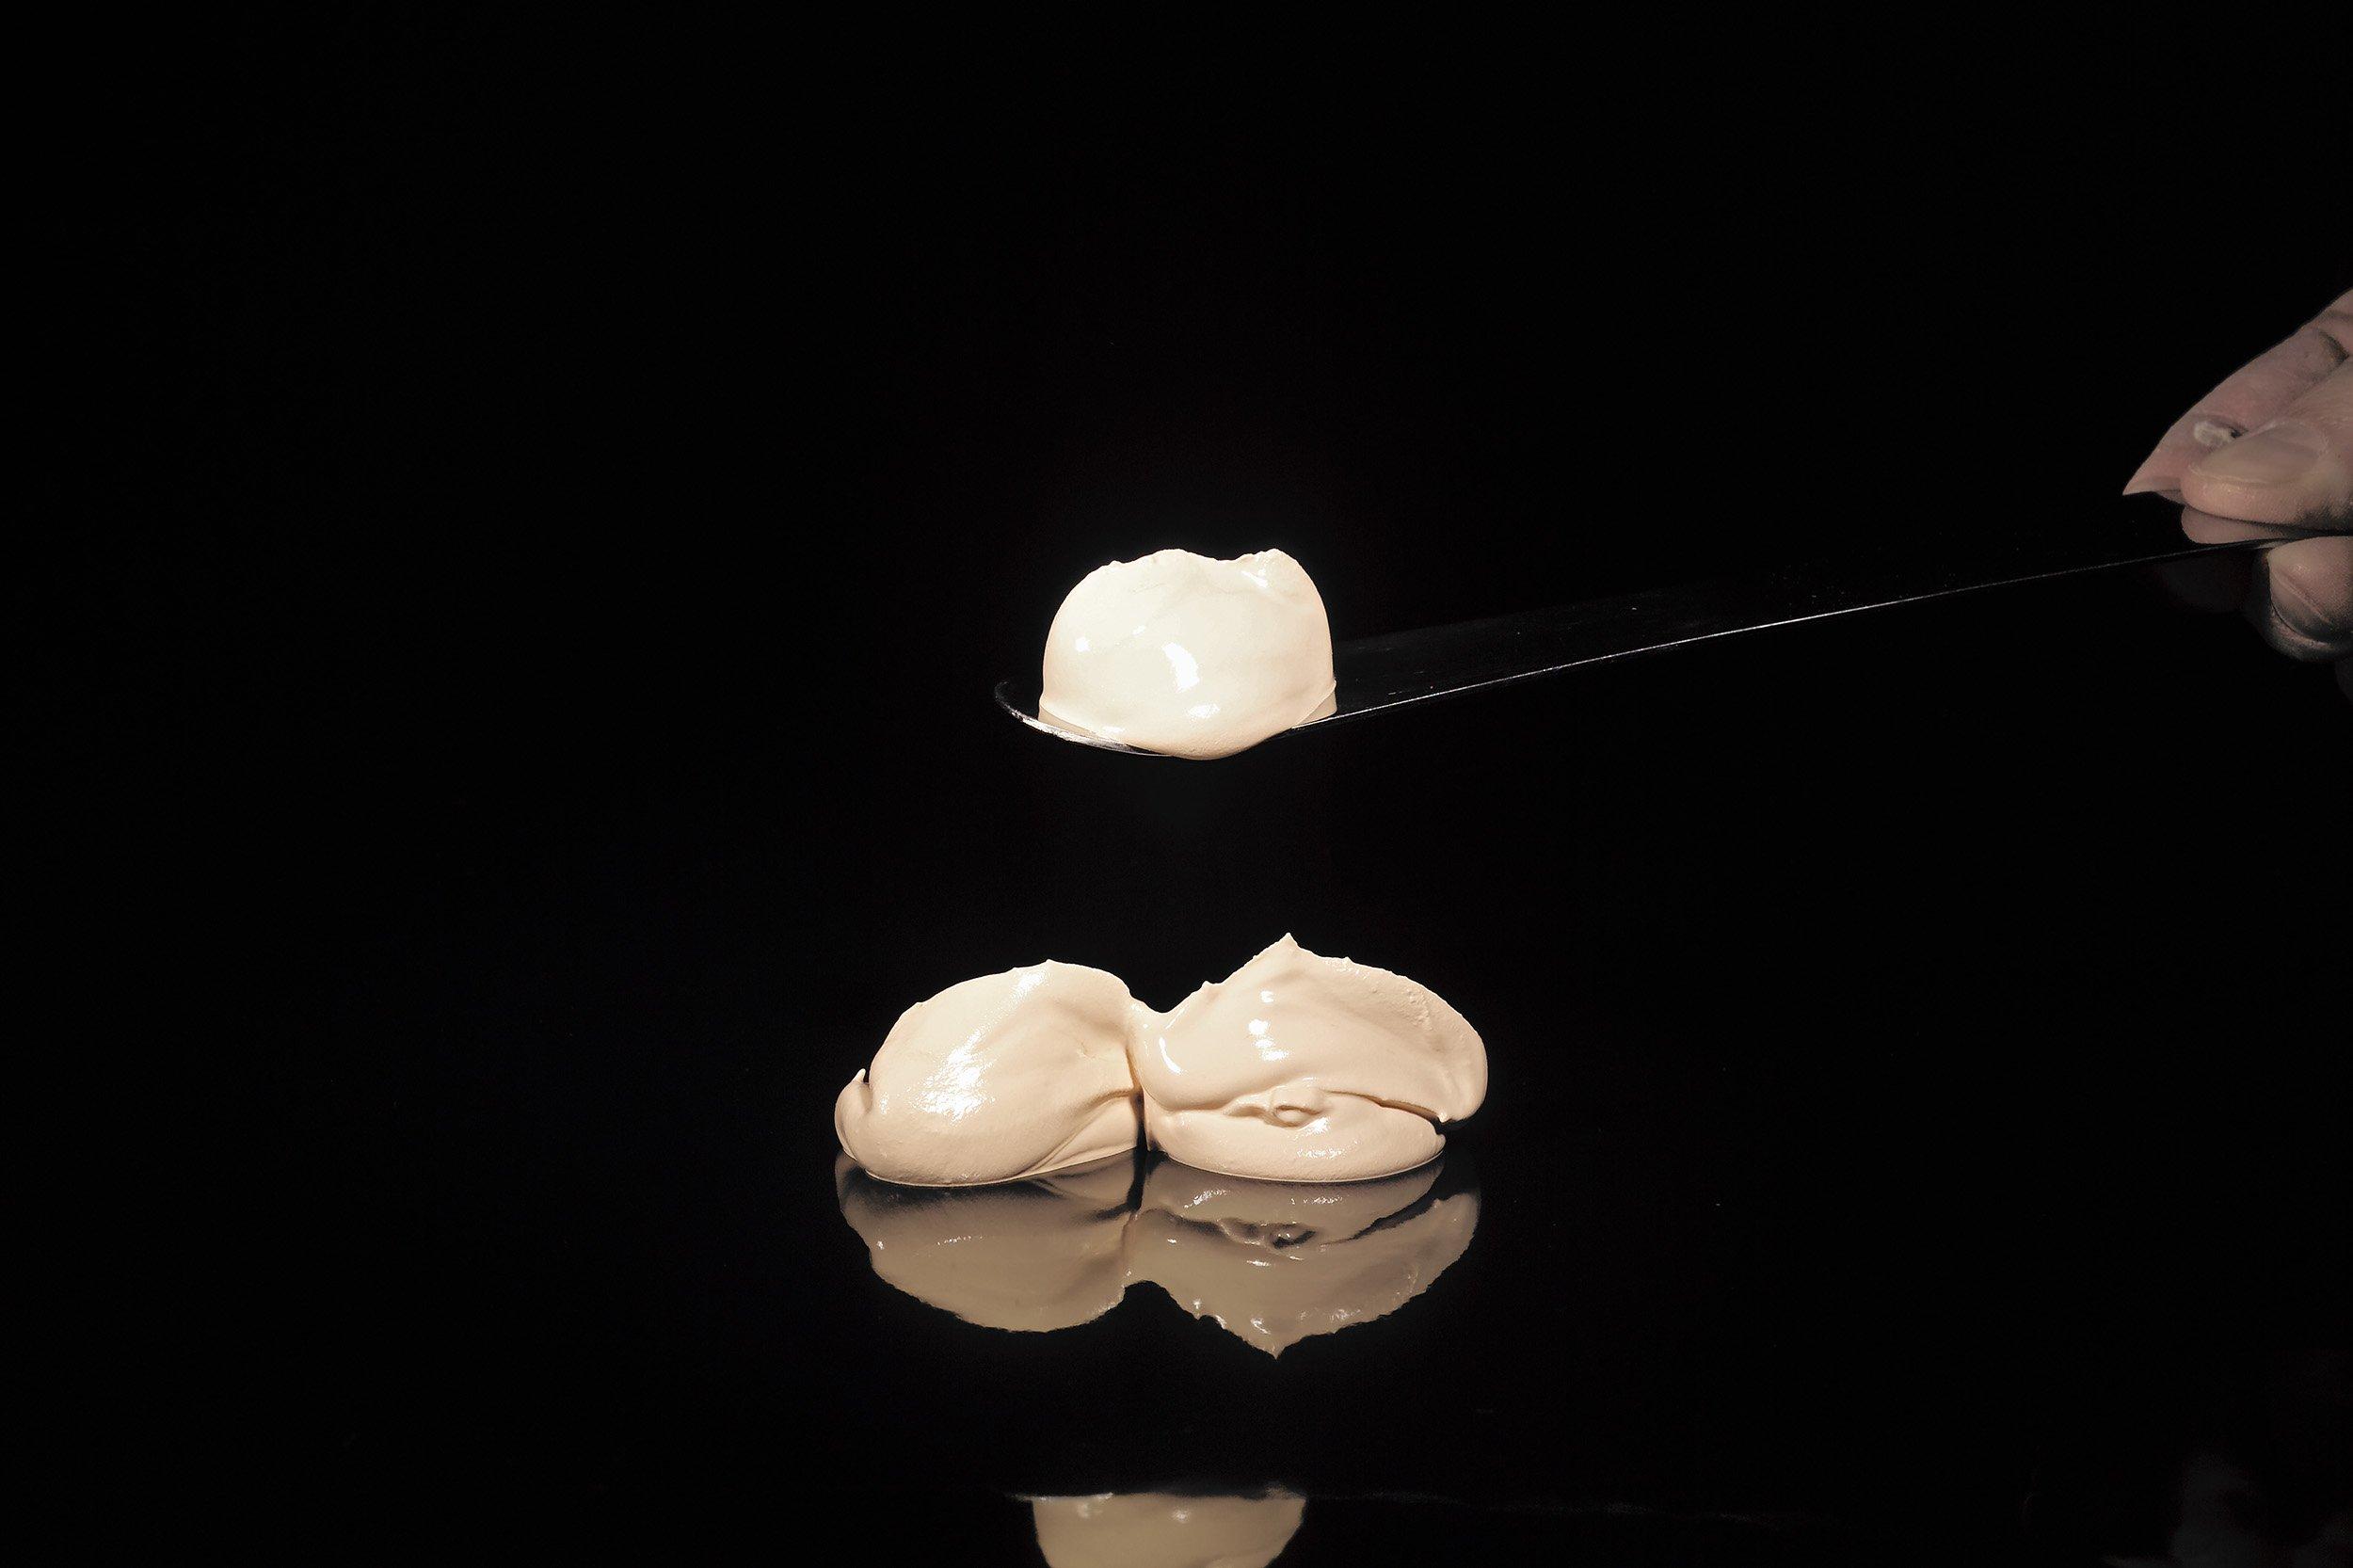 SheraHard-Rock, Typ IV Die Stone, 9.9 lb bag, golden brown